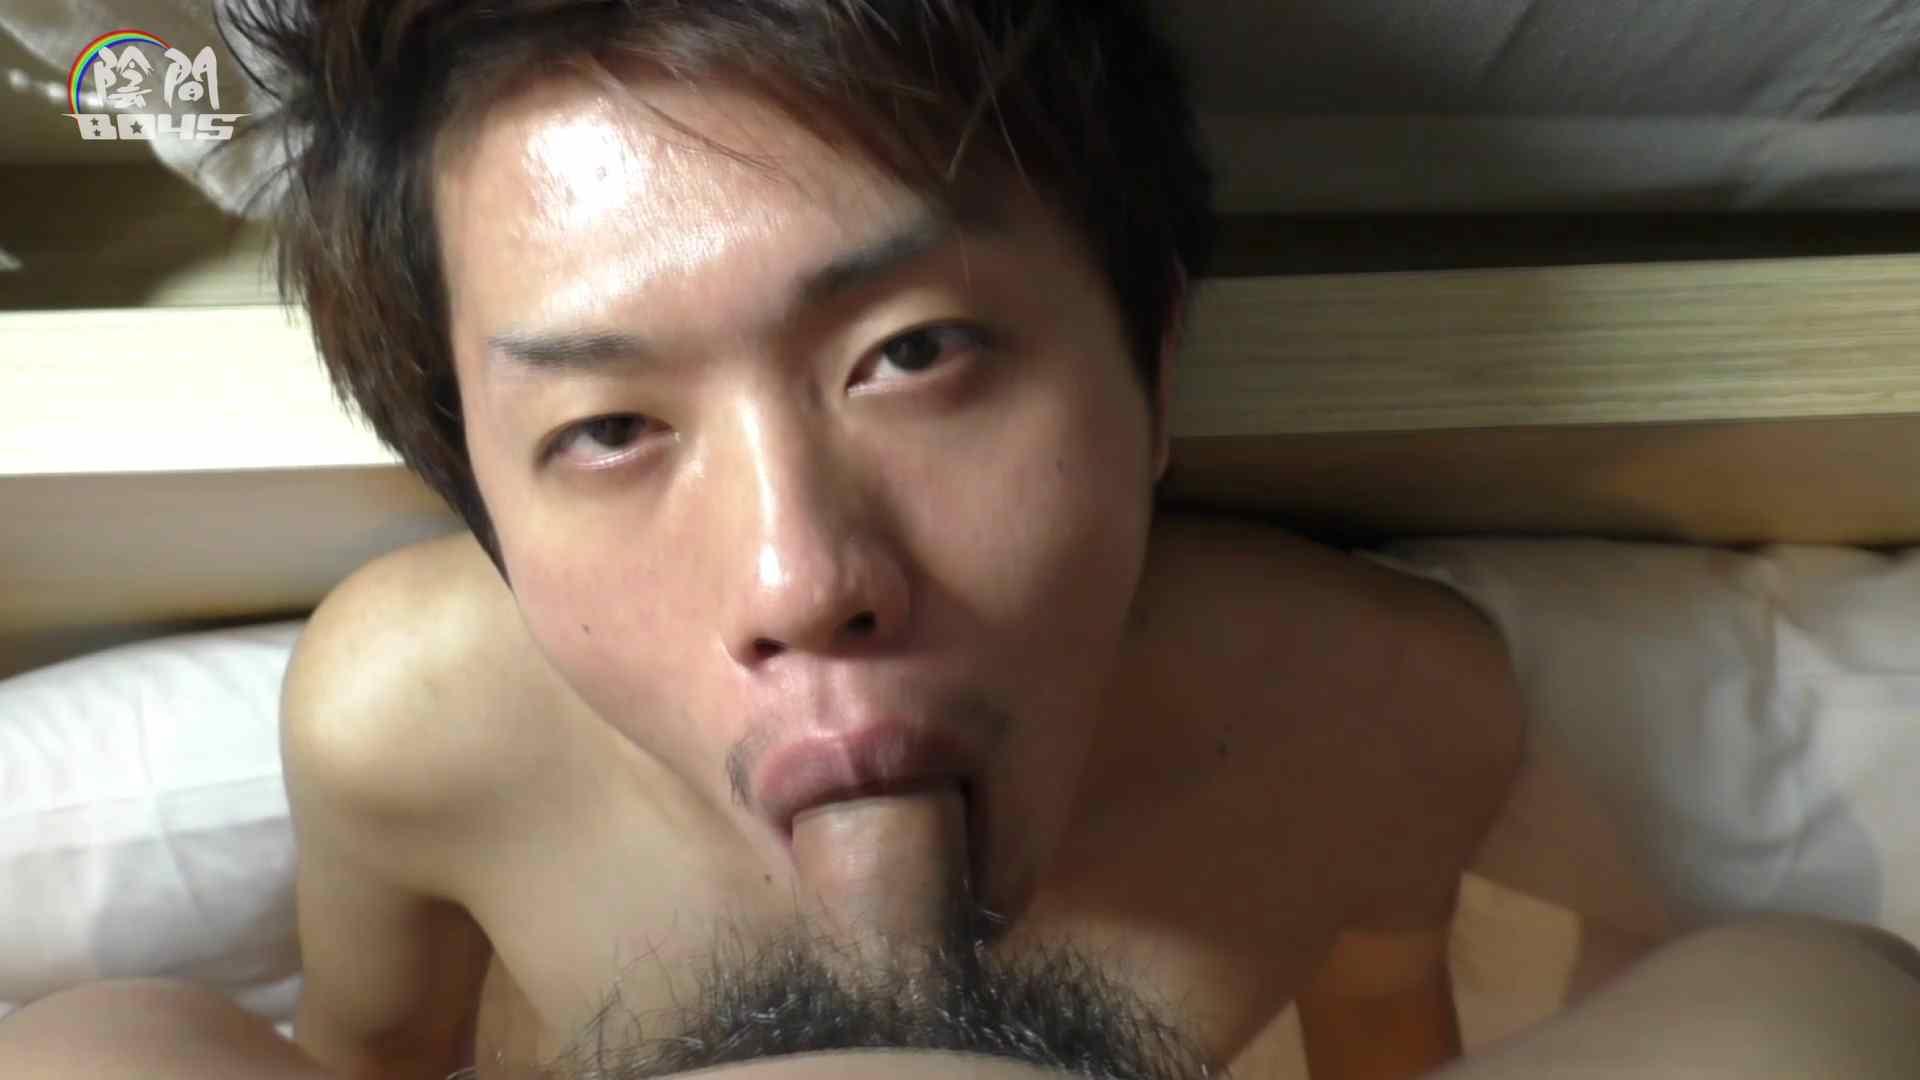 おいはカリデカ2!File.01 風呂天国 ゲイセックス画像 83枚 79